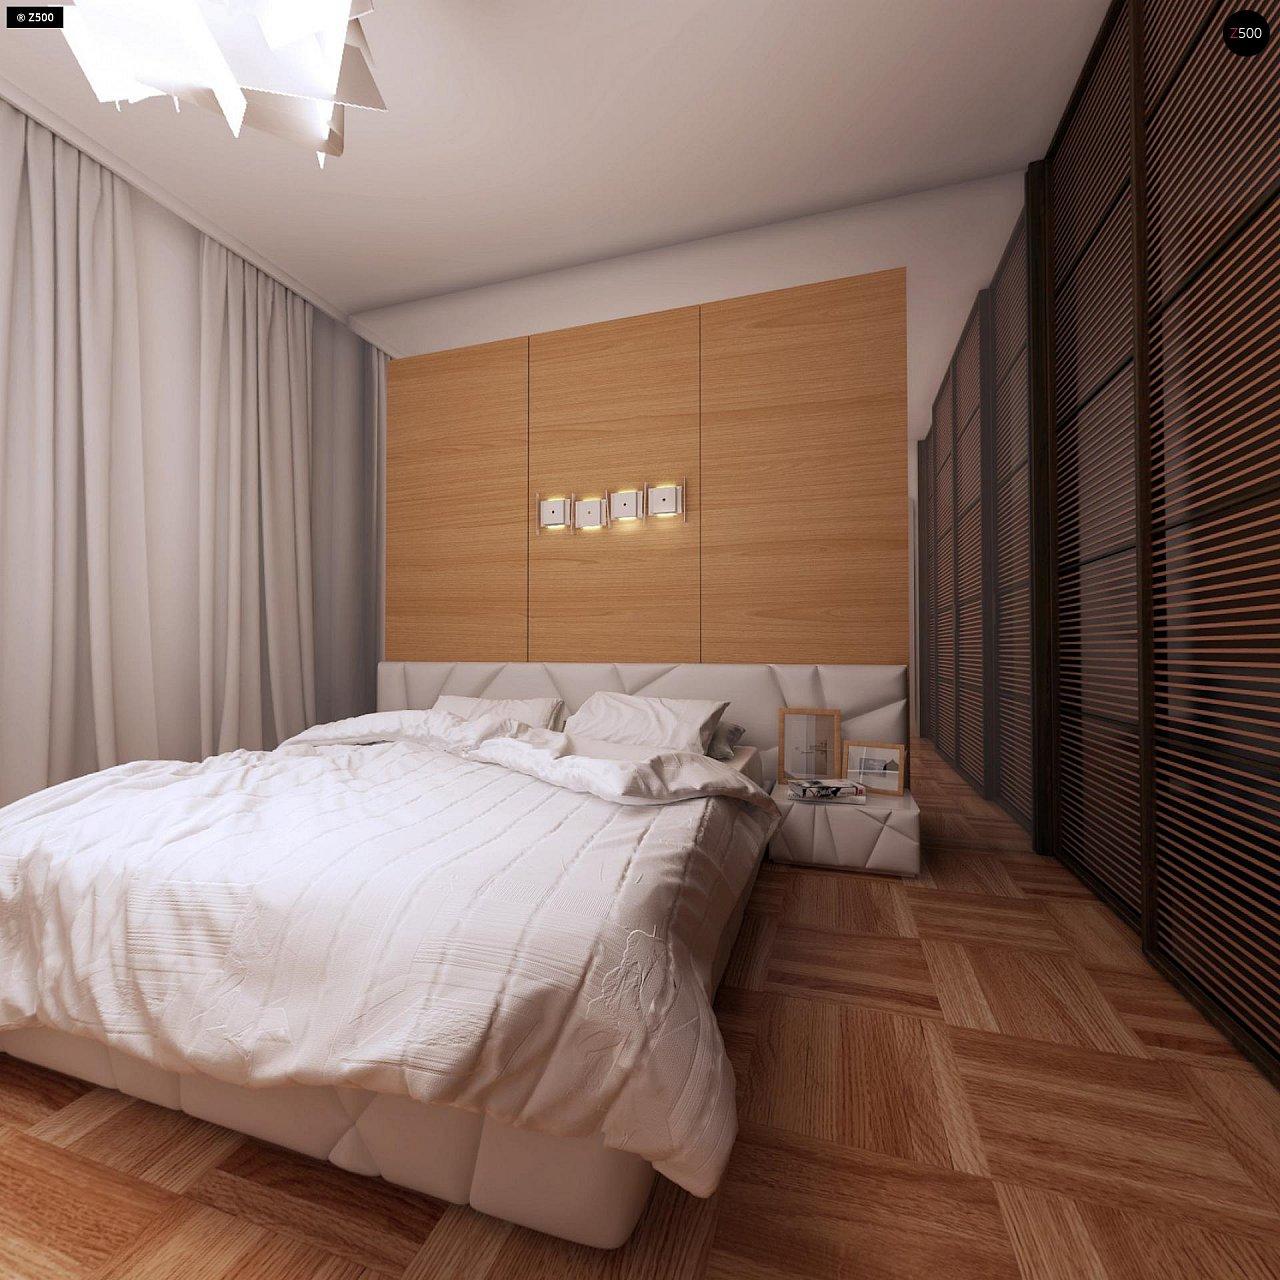 Компактный одноэтажный дом простой формы с возможностью обустройства чердачного помещения. 9